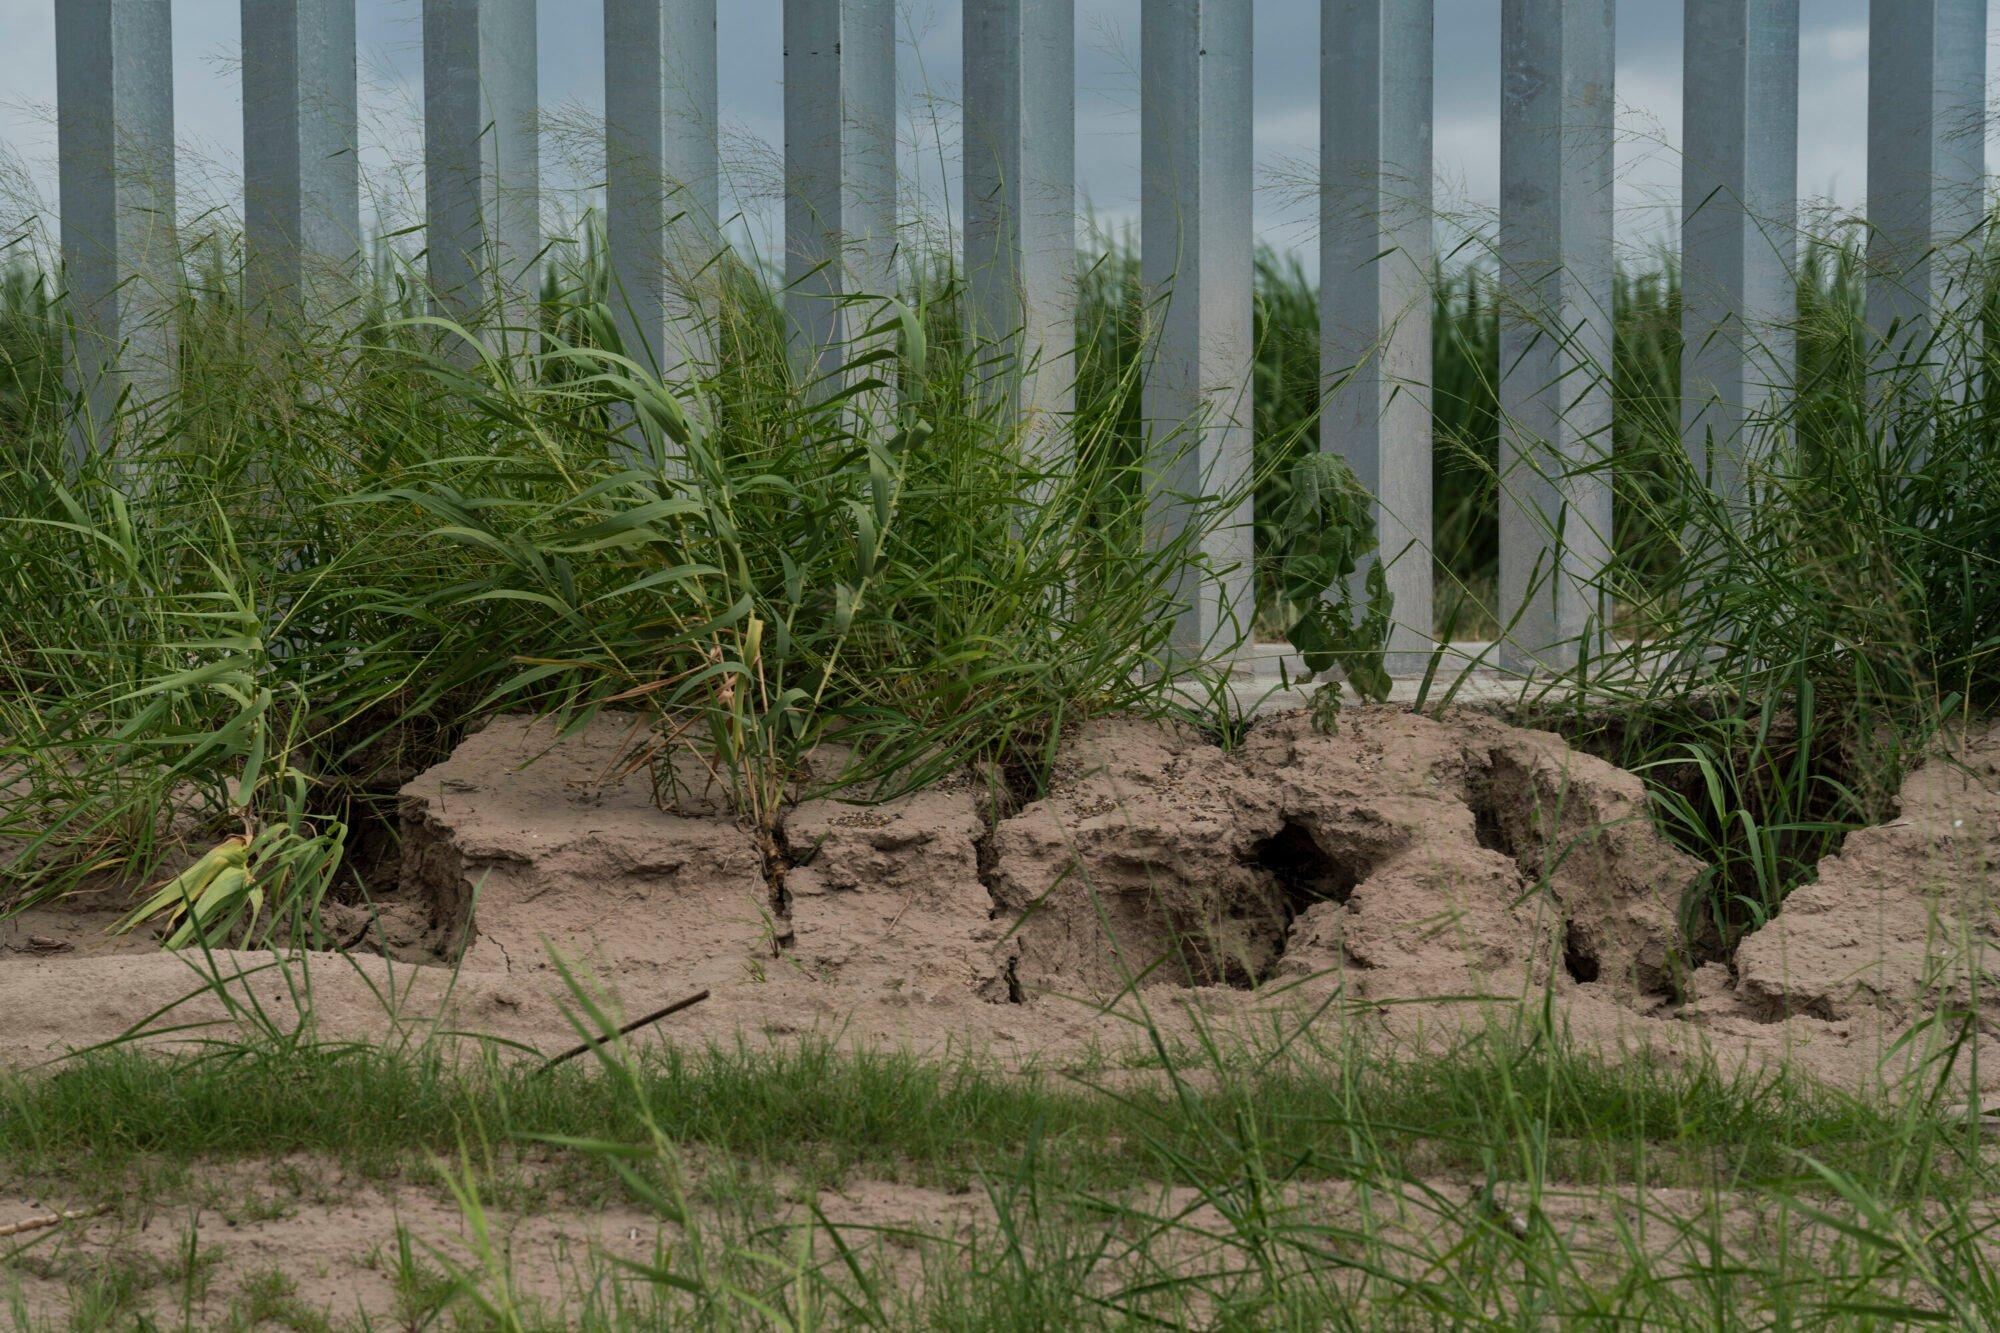 Construyó un muro en la frontera con fondos privados. Ahora está en riesgo de desplomarse si no lo reparan. 4